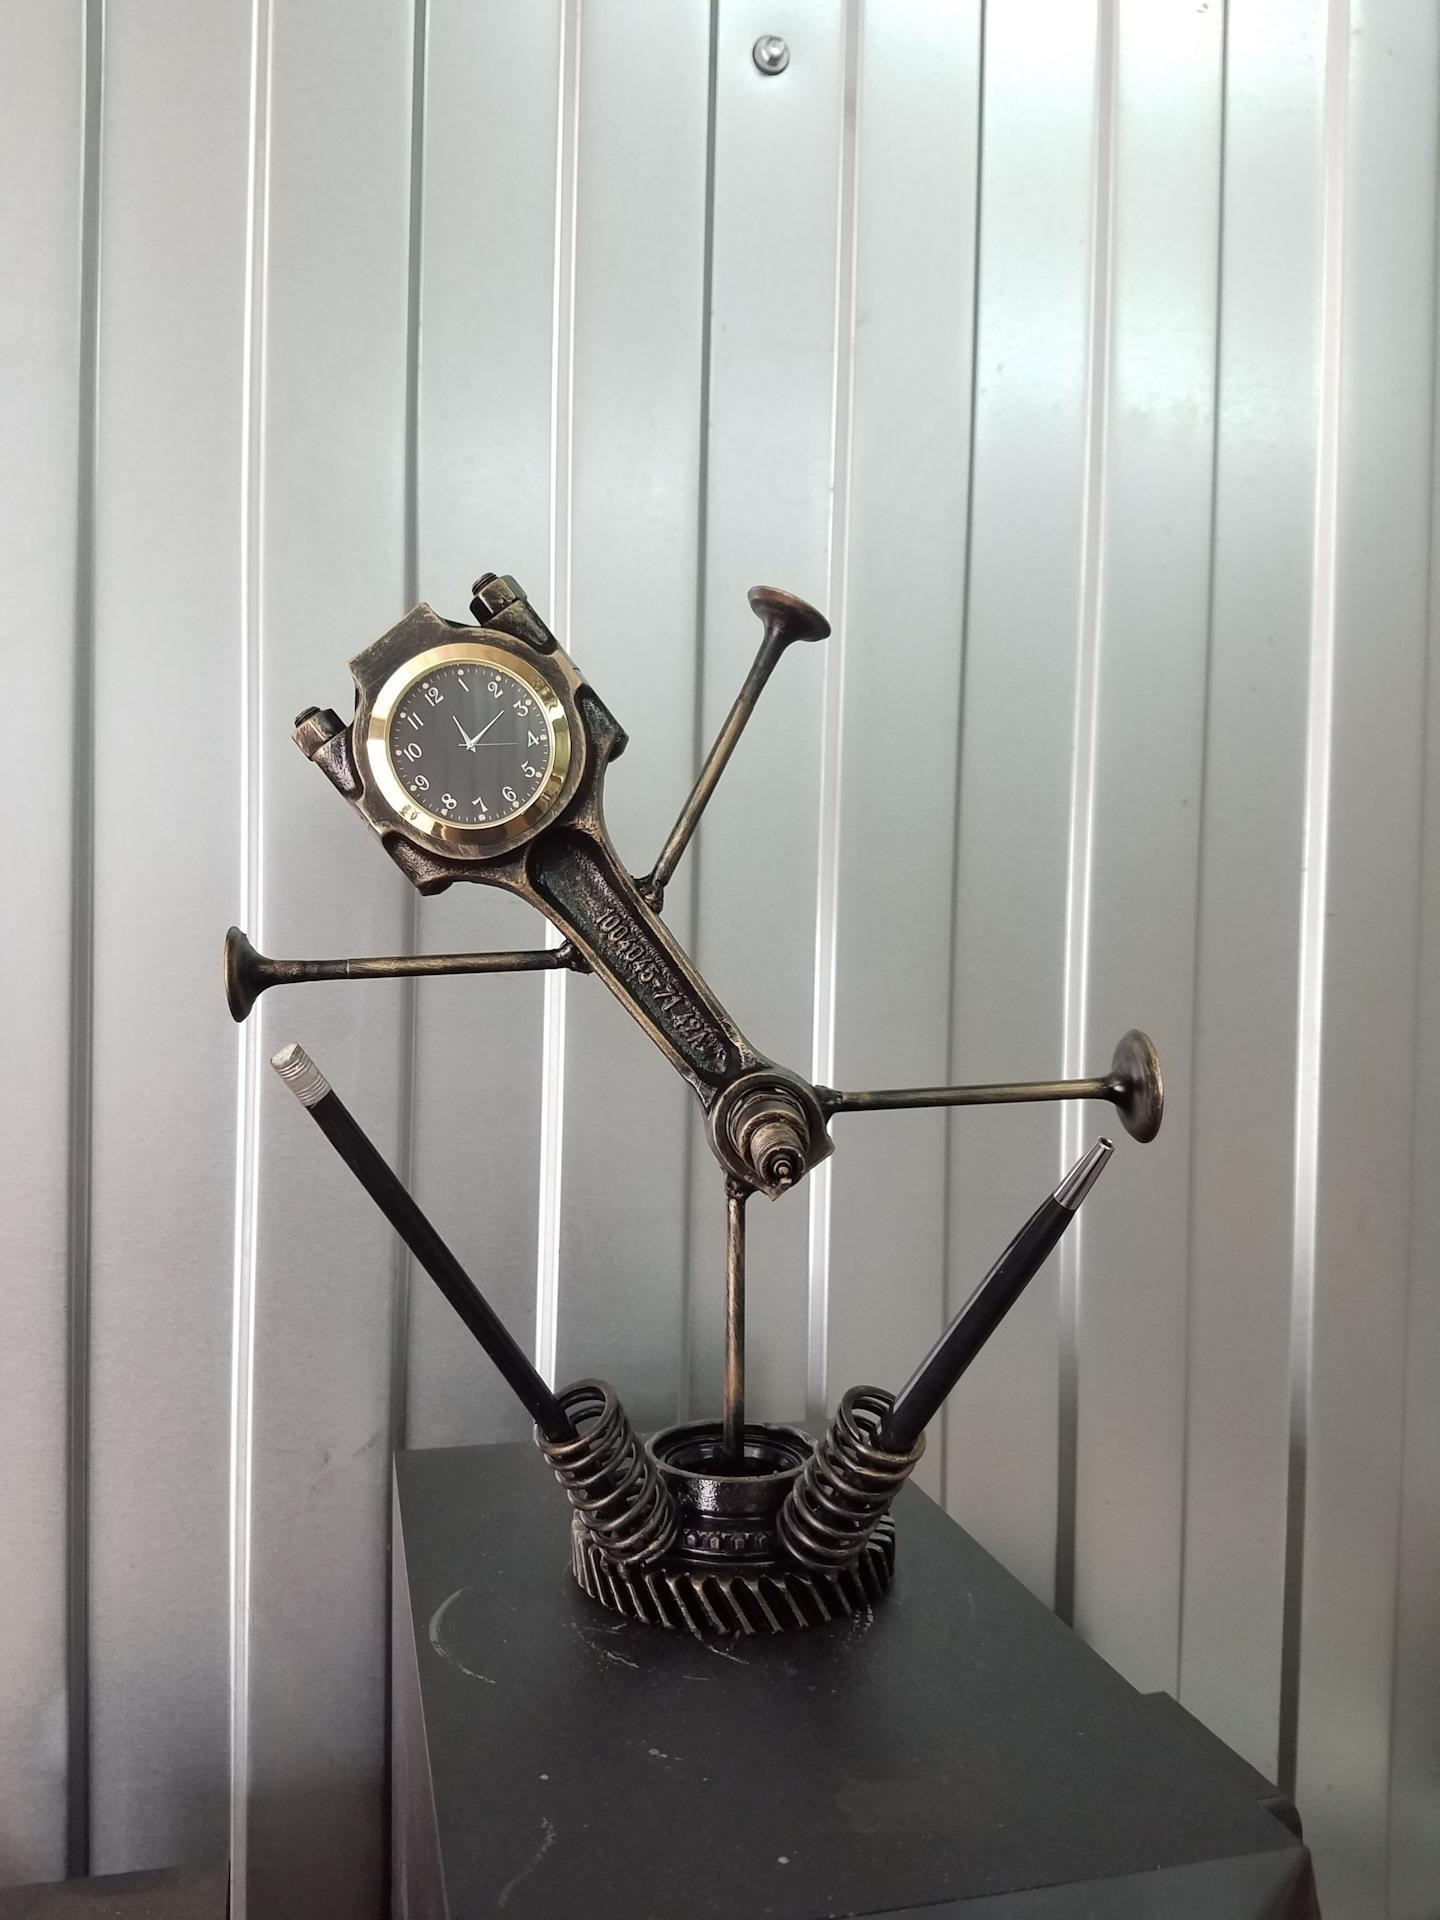 часы из запчастей фото мужских стрижек, качестве